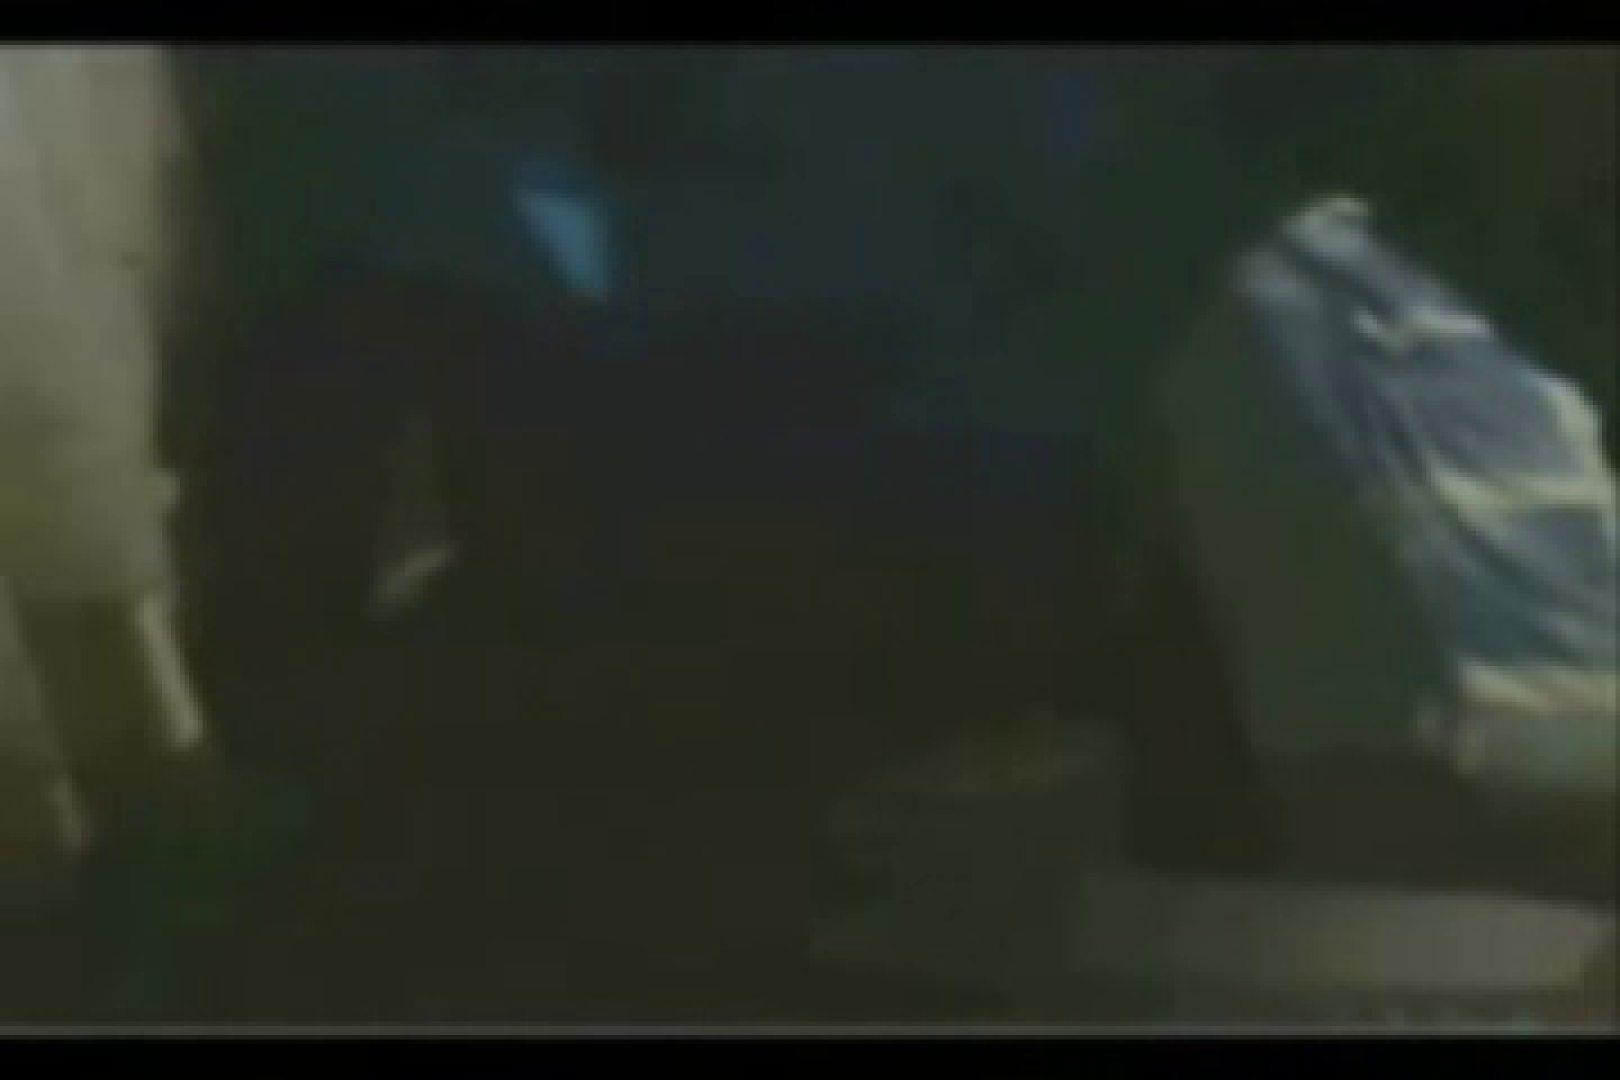 ファイル流出! ! パソコン画面を目の前に自画撮りオナニー チンコ 射精無修正動画 107枚 28